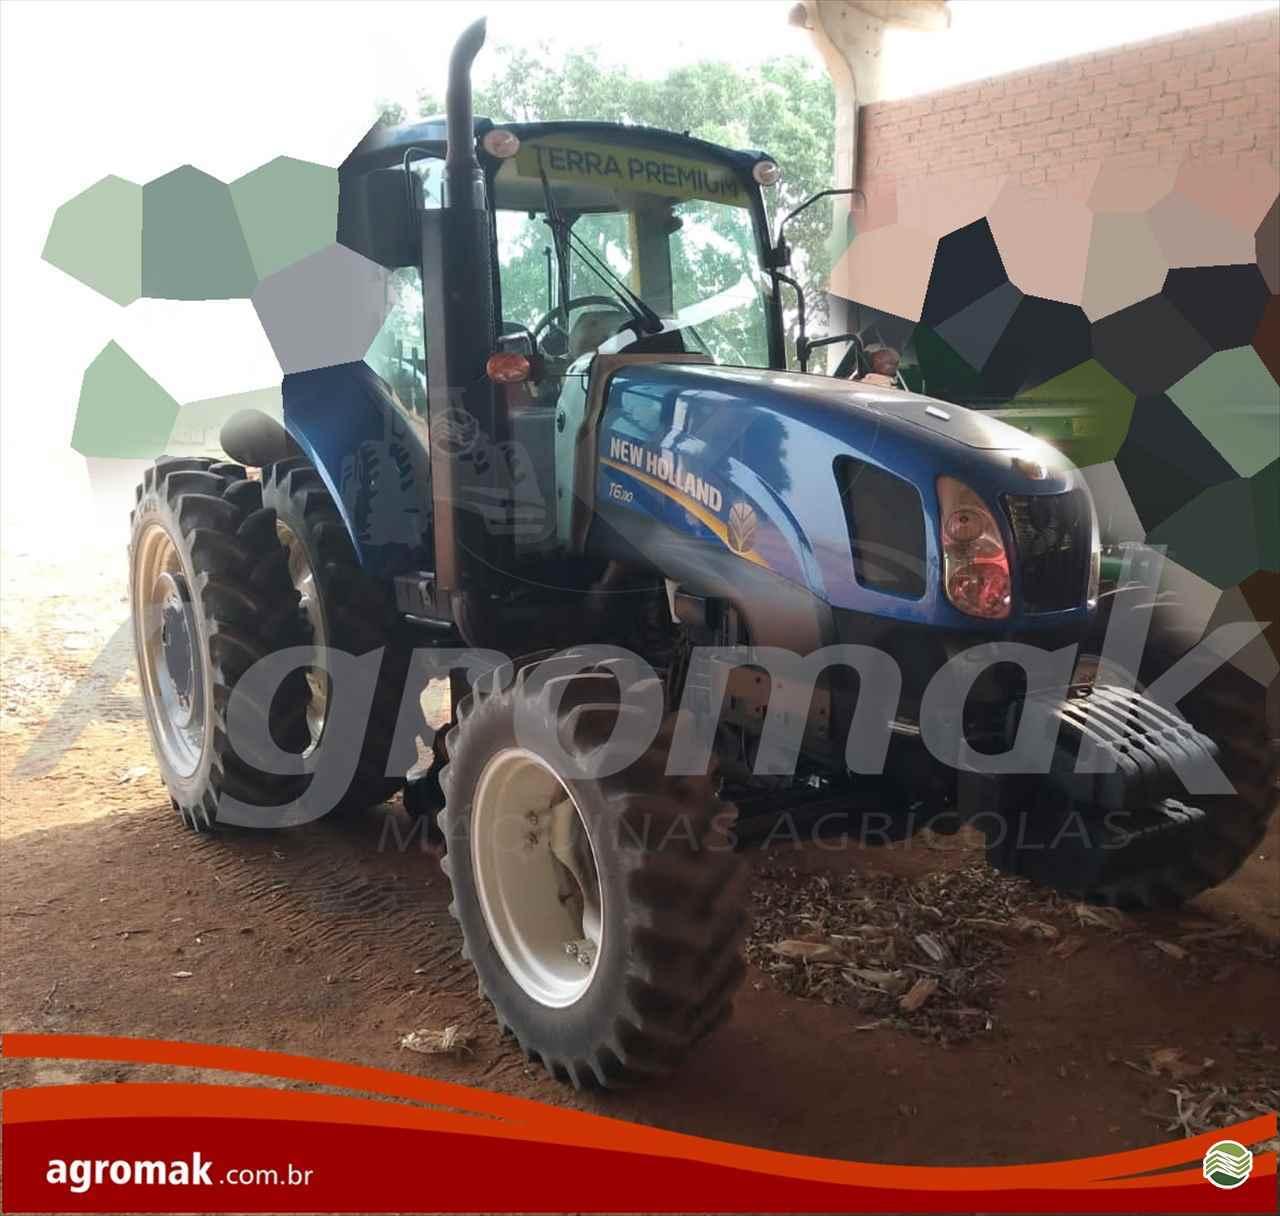 TRATOR NEW HOLLAND NEW T6 110 Tração 4x4 Agromak Máquinas Agrícolas CAMPO VERDE MATO GROSSO MT